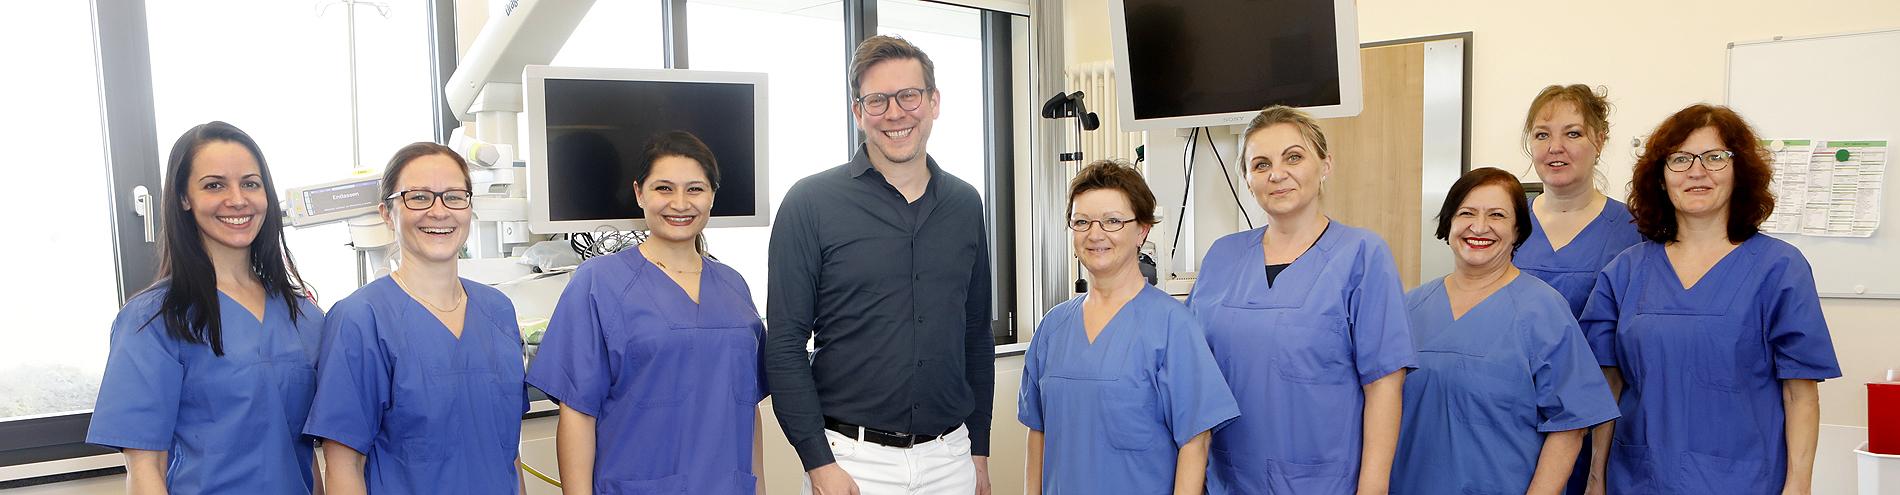 Bild passend zu Unser Team der Endoskopie